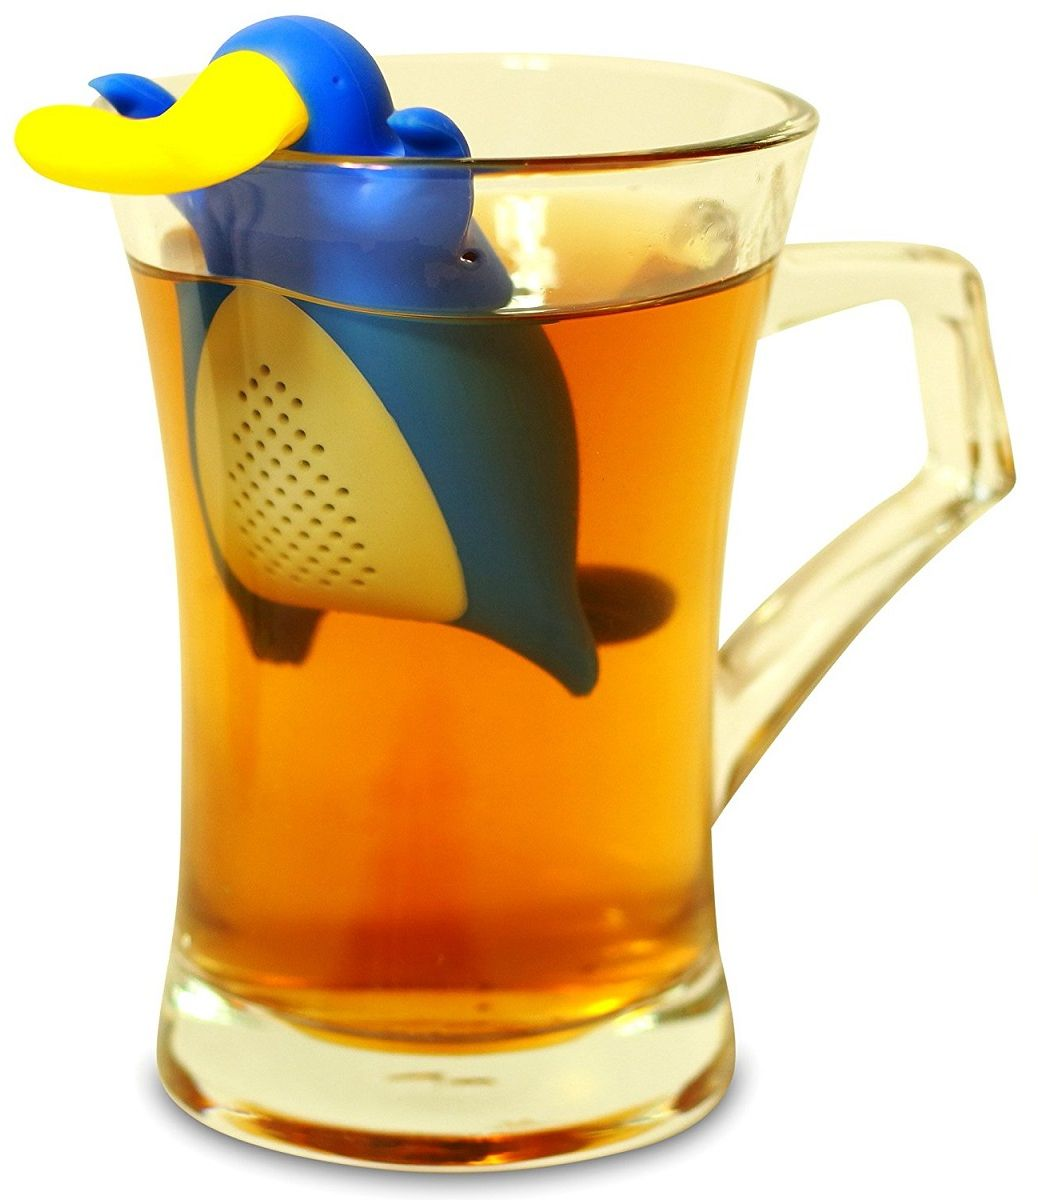 Ситечко для чая FidgetGo Утконос, цвет: синий2212345678921Это именно то, что нужно для холодных дней - заварник для чая в видеочаровательного утконоса. Просто засыпьте чай внутрь, налейте кипятка вчашкуи опустите заварник. Через пару минут у вас будет готов ароматный и вкусныйчай. Теперь вам не нужны большие заварочные чайники. Очаровательныйутконосподарит вам чудесное настроение в любую погоду. Изготовлен изтермоустойчивого пищевого силикона.